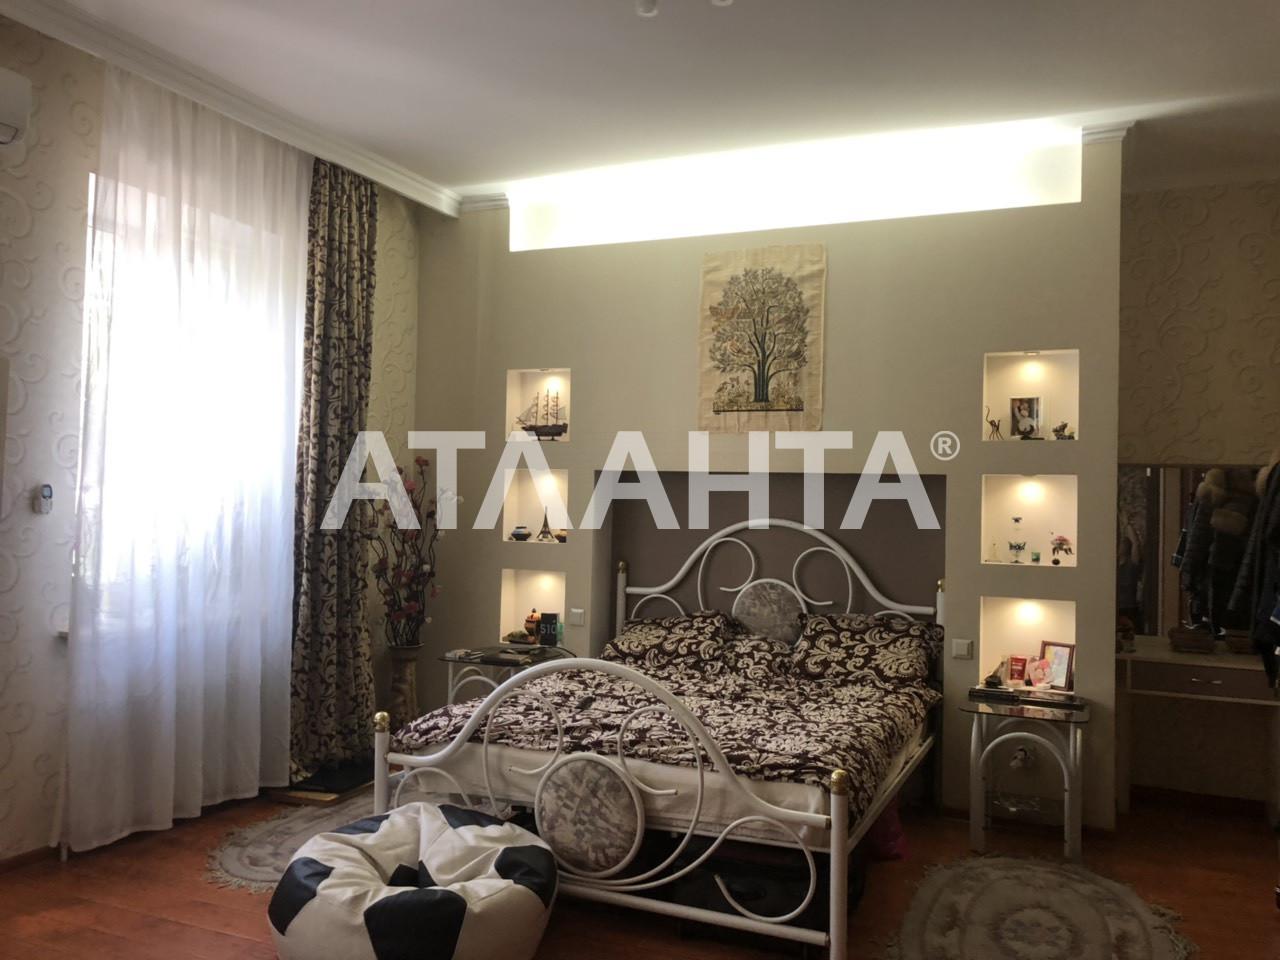 Продается 3-комнатная Квартира на ул. Серова (Мастерская) — 41 999 у.е. (фото №5)